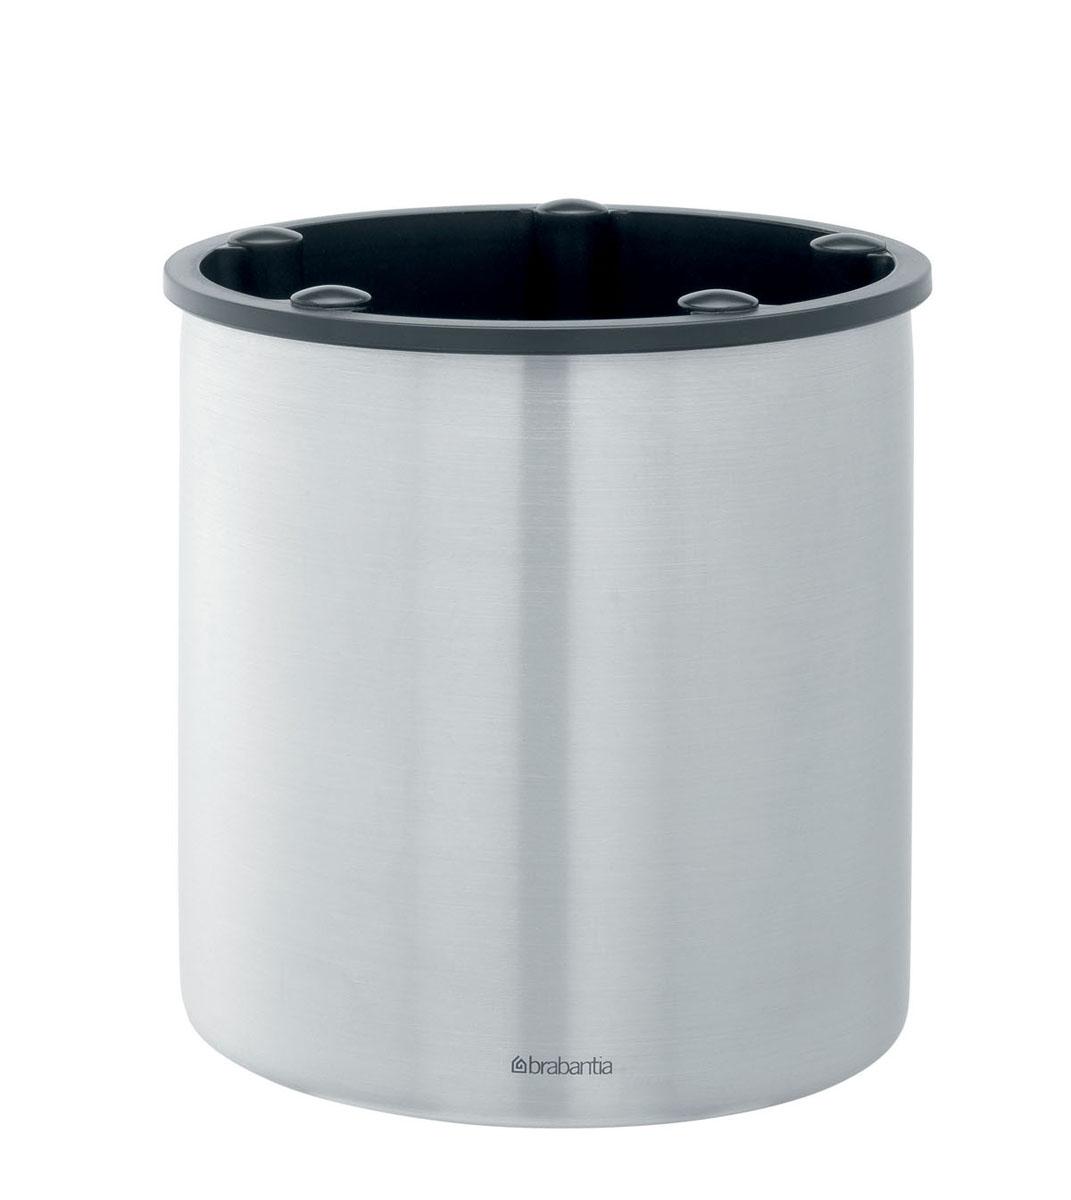 Подставка для кухонных принадлежностей Brabantia, высота 15 см0270Подставка для кухонных принадлежностей Brabantia изготовлена из высококачественной нержавеющей стали с матовой полировкой. Внутренняя поверхность пластиковая. Подставка оснащена 5 выемками для отделения приборов друг от друга. В такой подставке можно хранить все столовые приборы, а также кухонные принадлежности, такие как лопатки и половники.Подставка имеет стильный классический дизайн и одинаково хорошо впишется и в современный, и в классический интерьер. Можно мыть в посудомоечной машине. Диаметр подставки (по верхнему краю): 15 см. Высота подставки: 15 см.